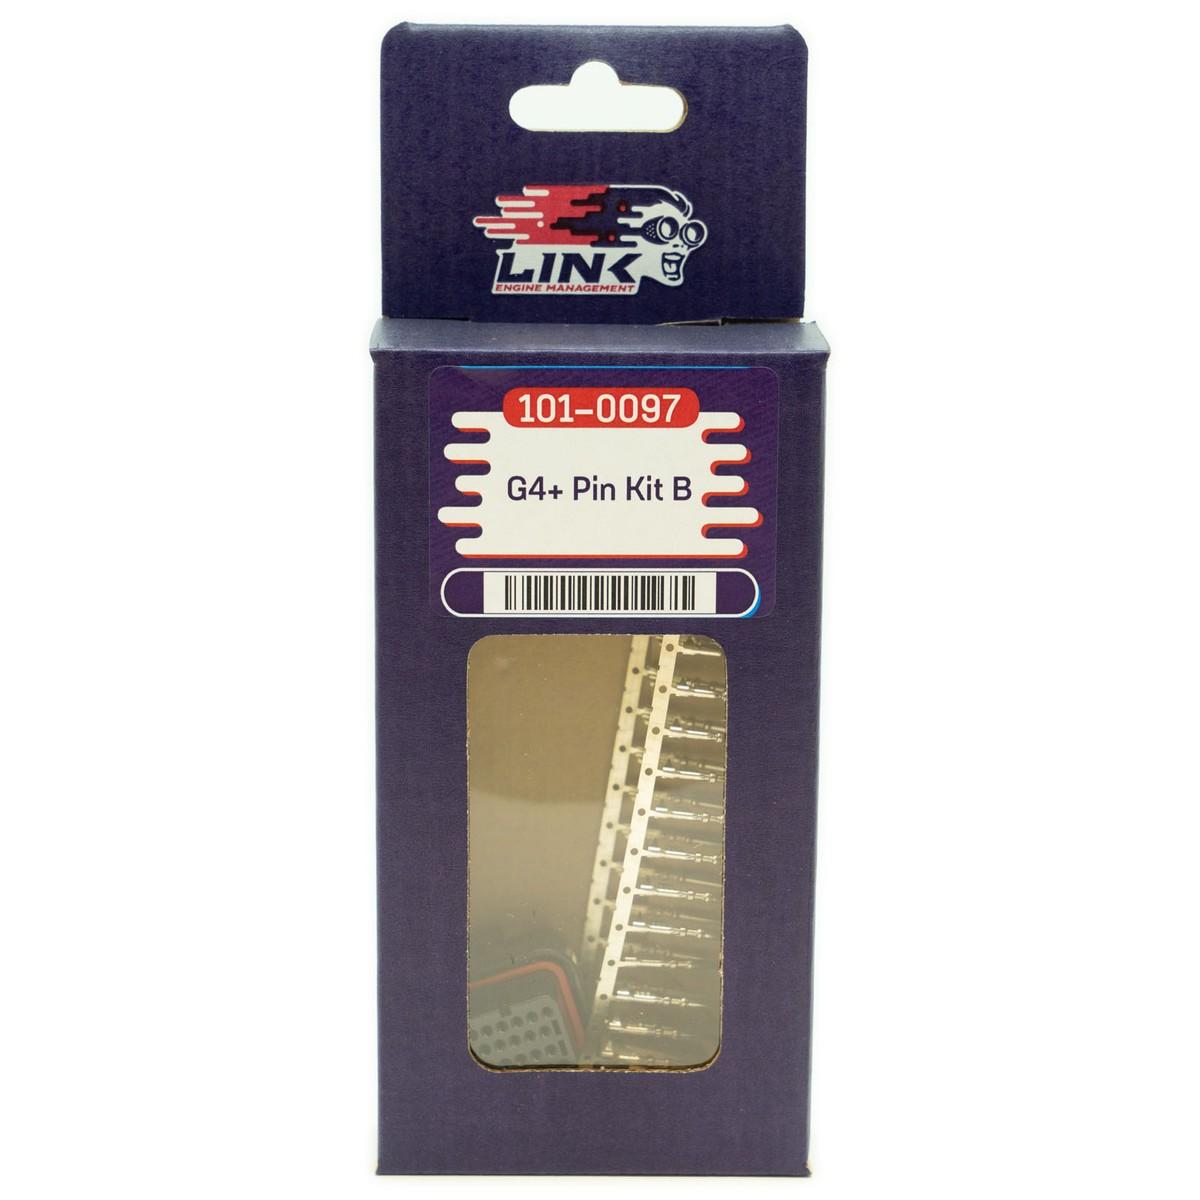 LINK Pin Kit B - TKB (Plug and Pins) 101-0097